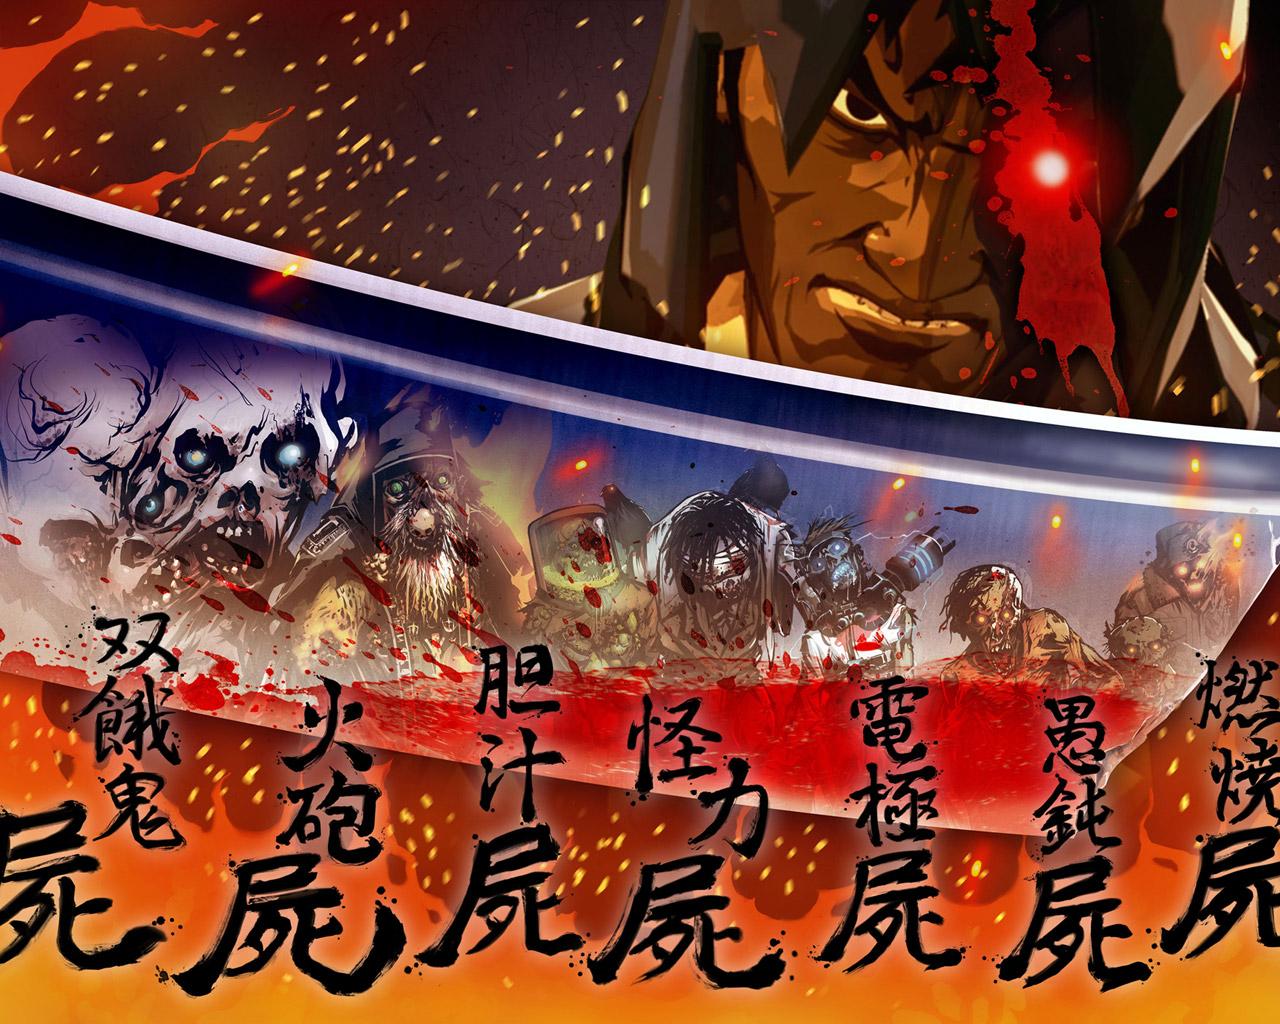 Yaiba Ninja Gaiden Z Wallpaper in 1280x1024